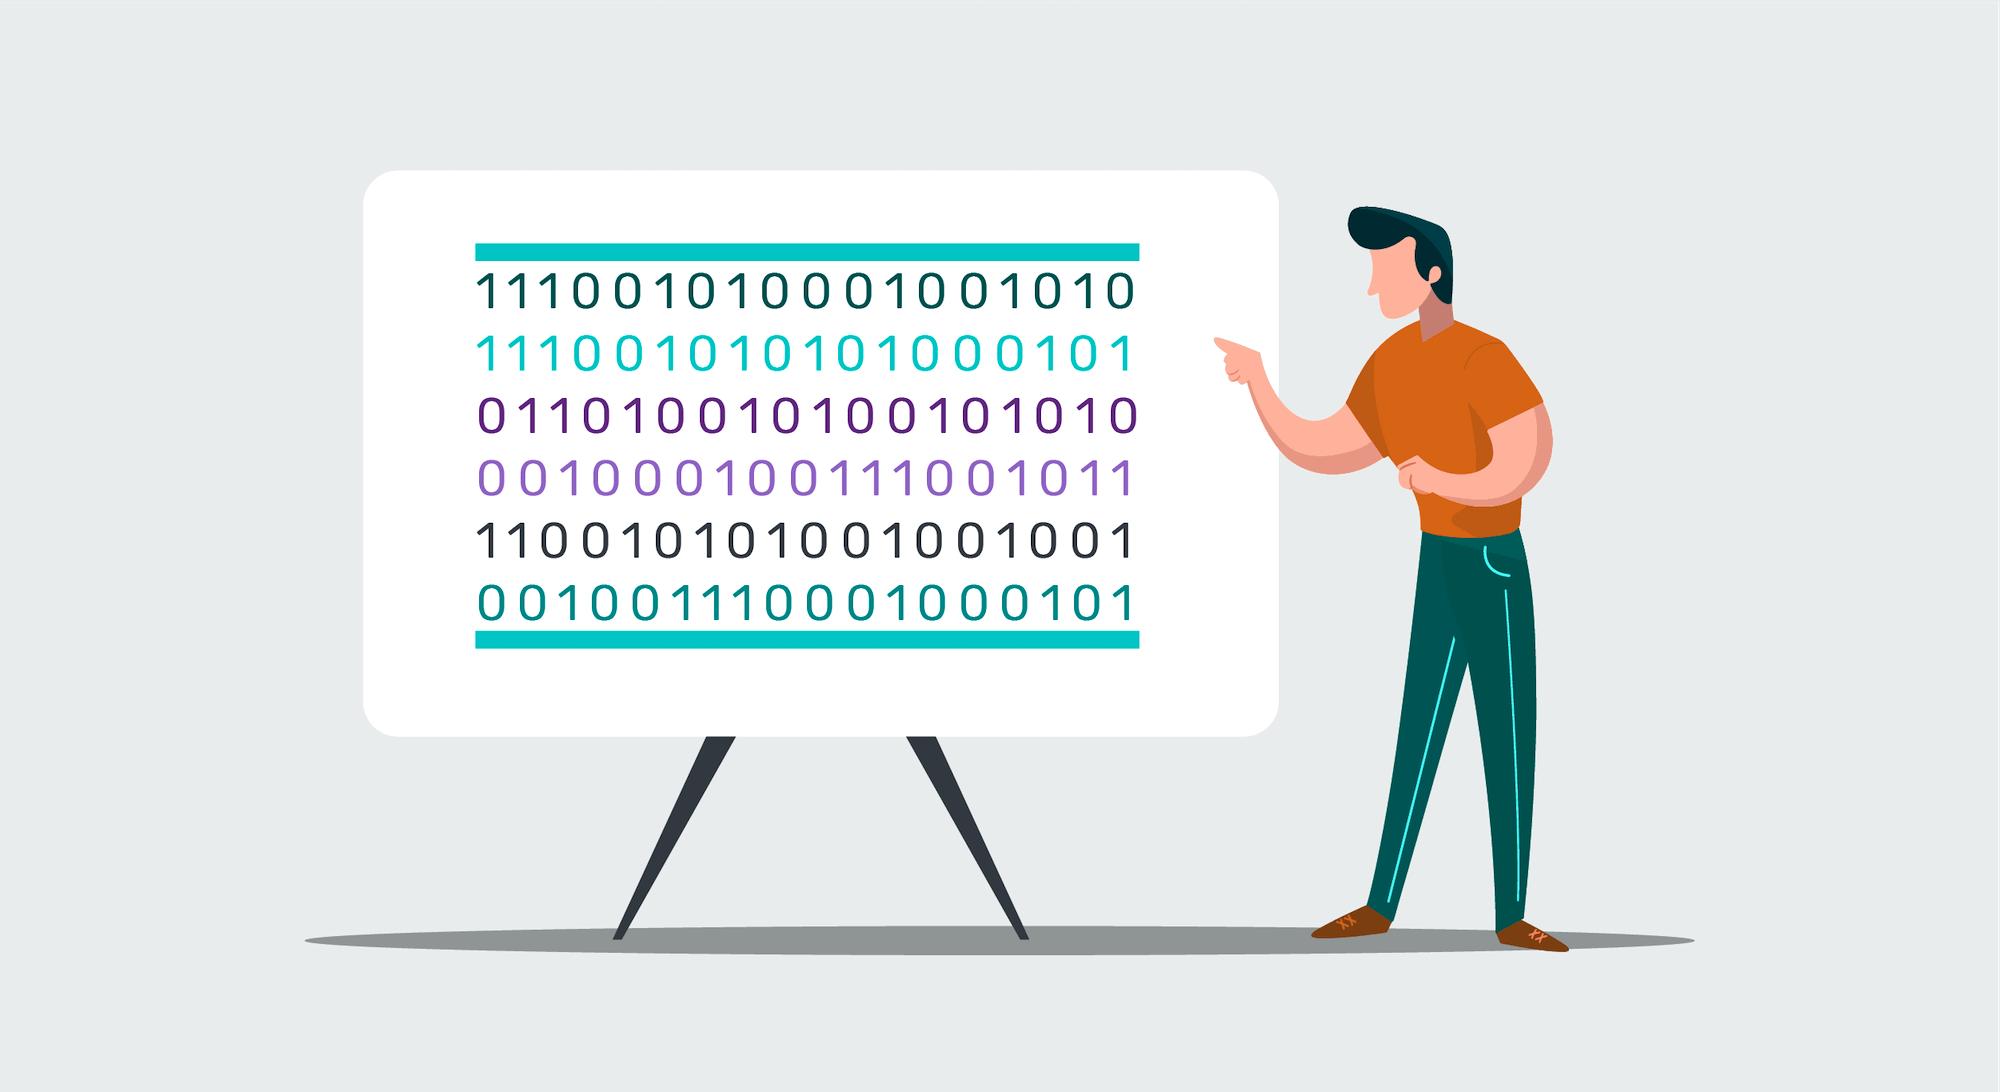 citizen data scientist